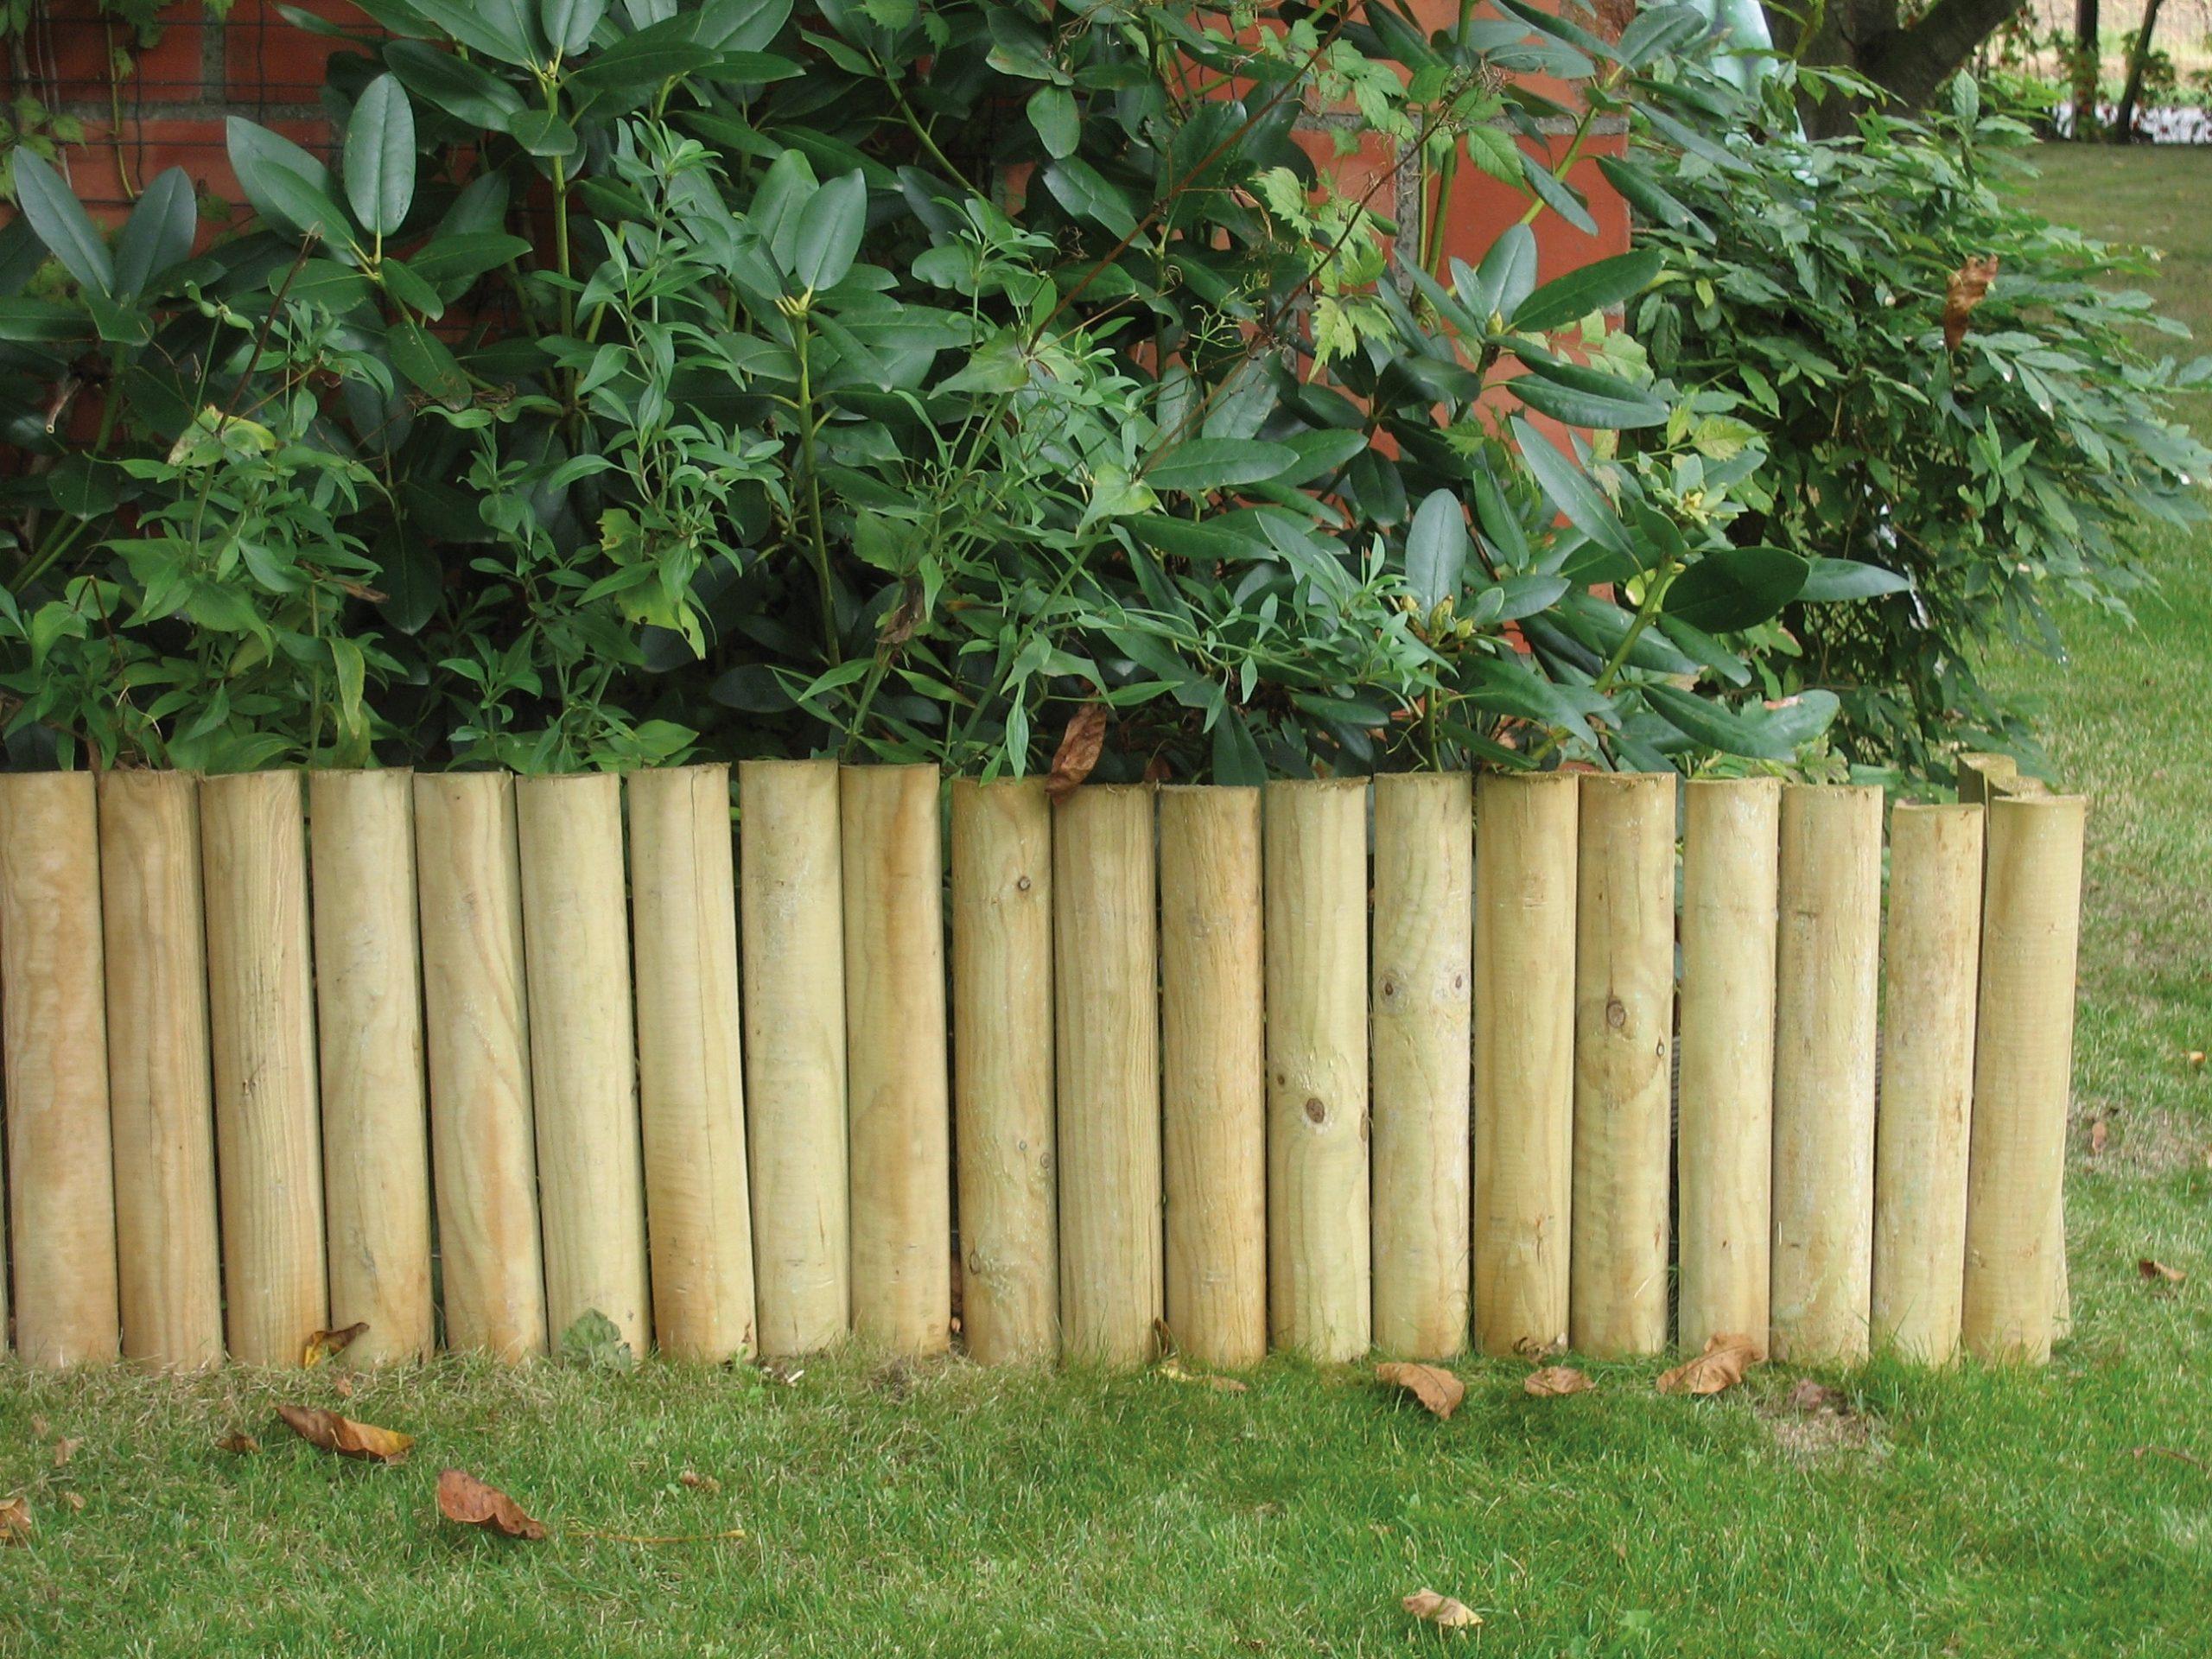 Bordure Demi Ronde En Bois 180 X 20 X 5 Cm Autoclave Solid - Mr.bricolage avec Bordures Bois Jardin